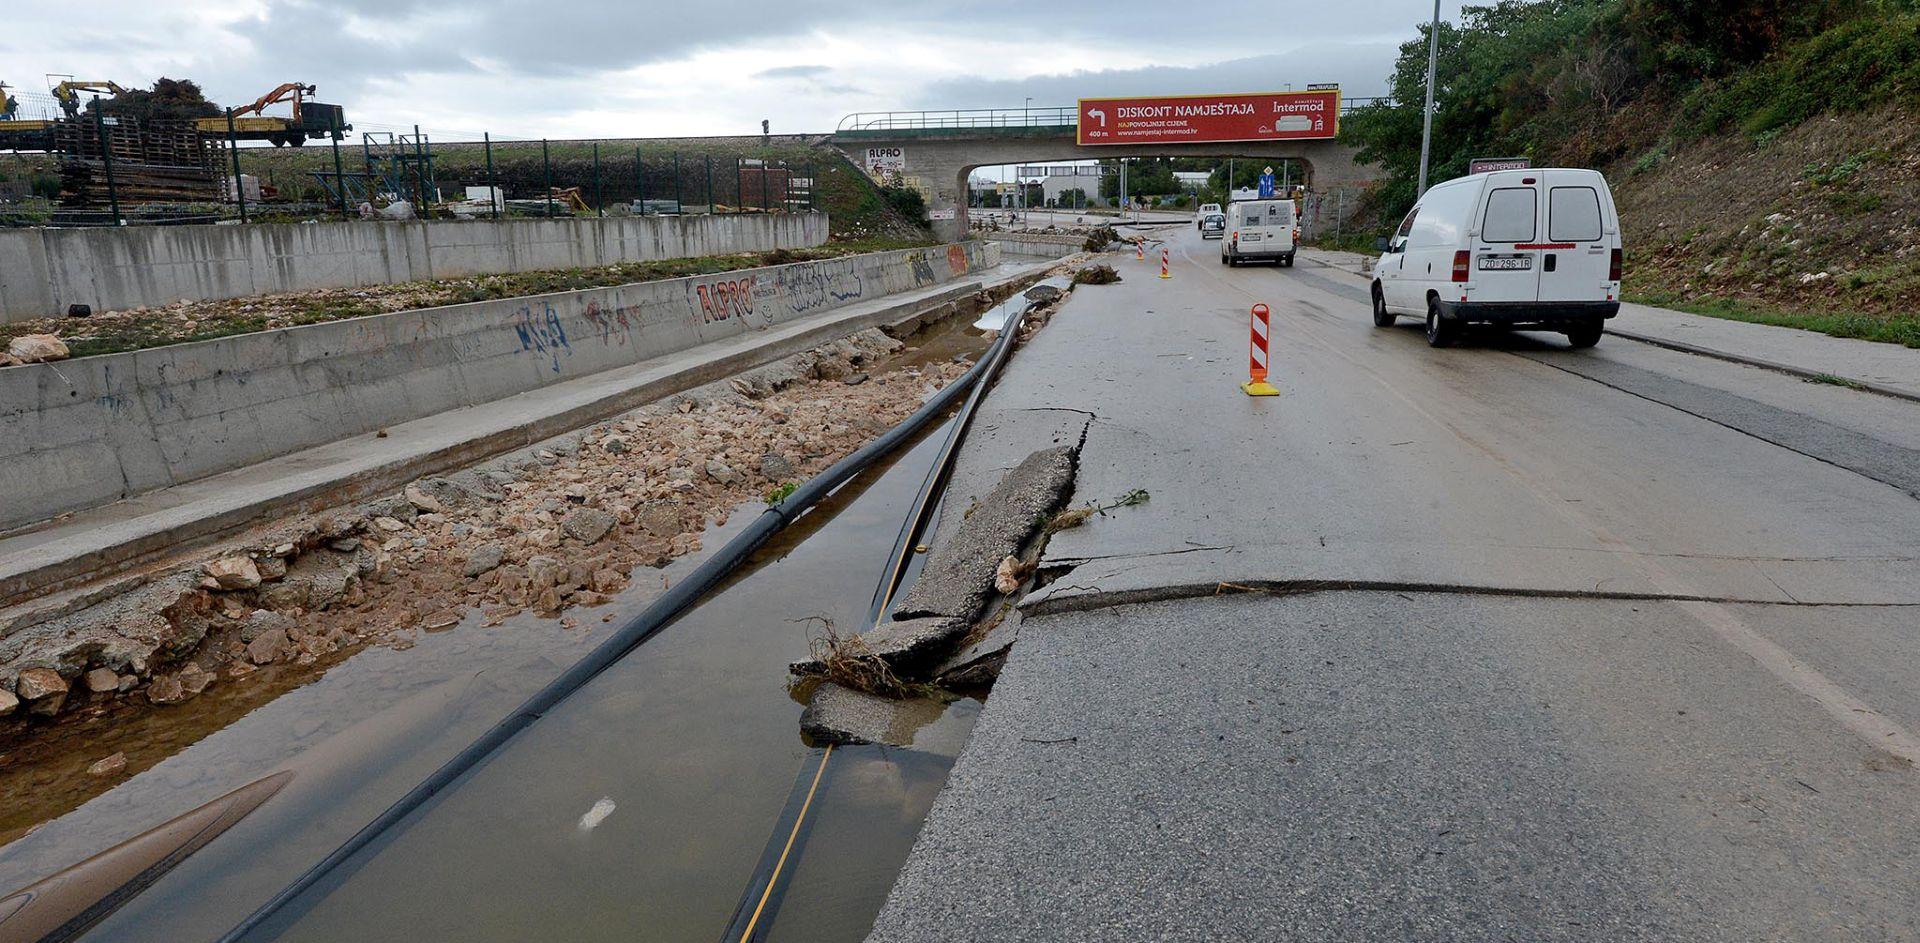 PRVE PROCJENE Zadarski pročistač oštećen za 10 milijuna, državne ceste za 4 milijuna kuna